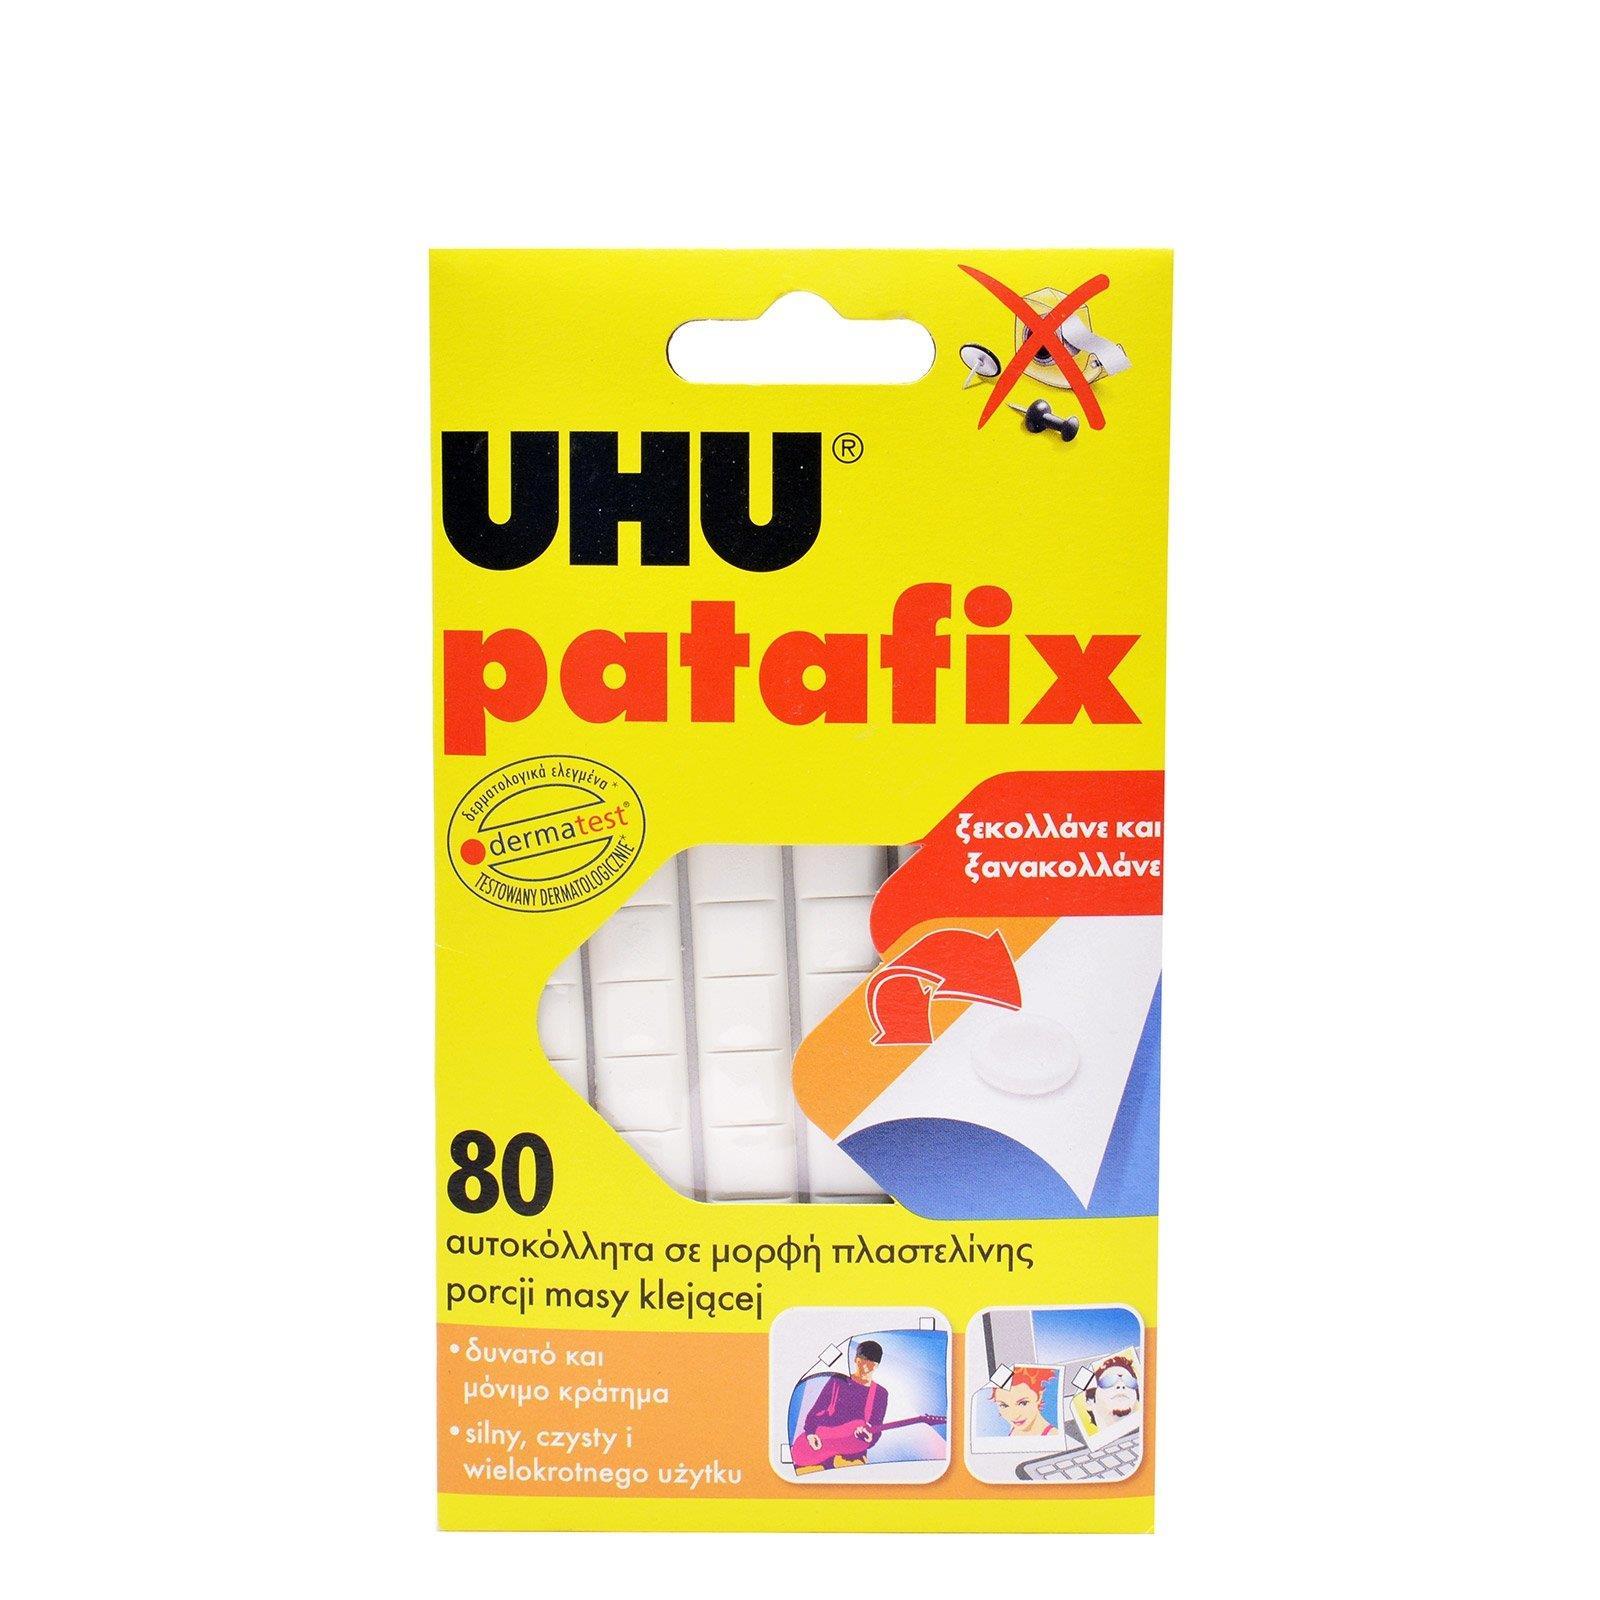 Uhu Patafix λευκή 80 τεμ. - 1